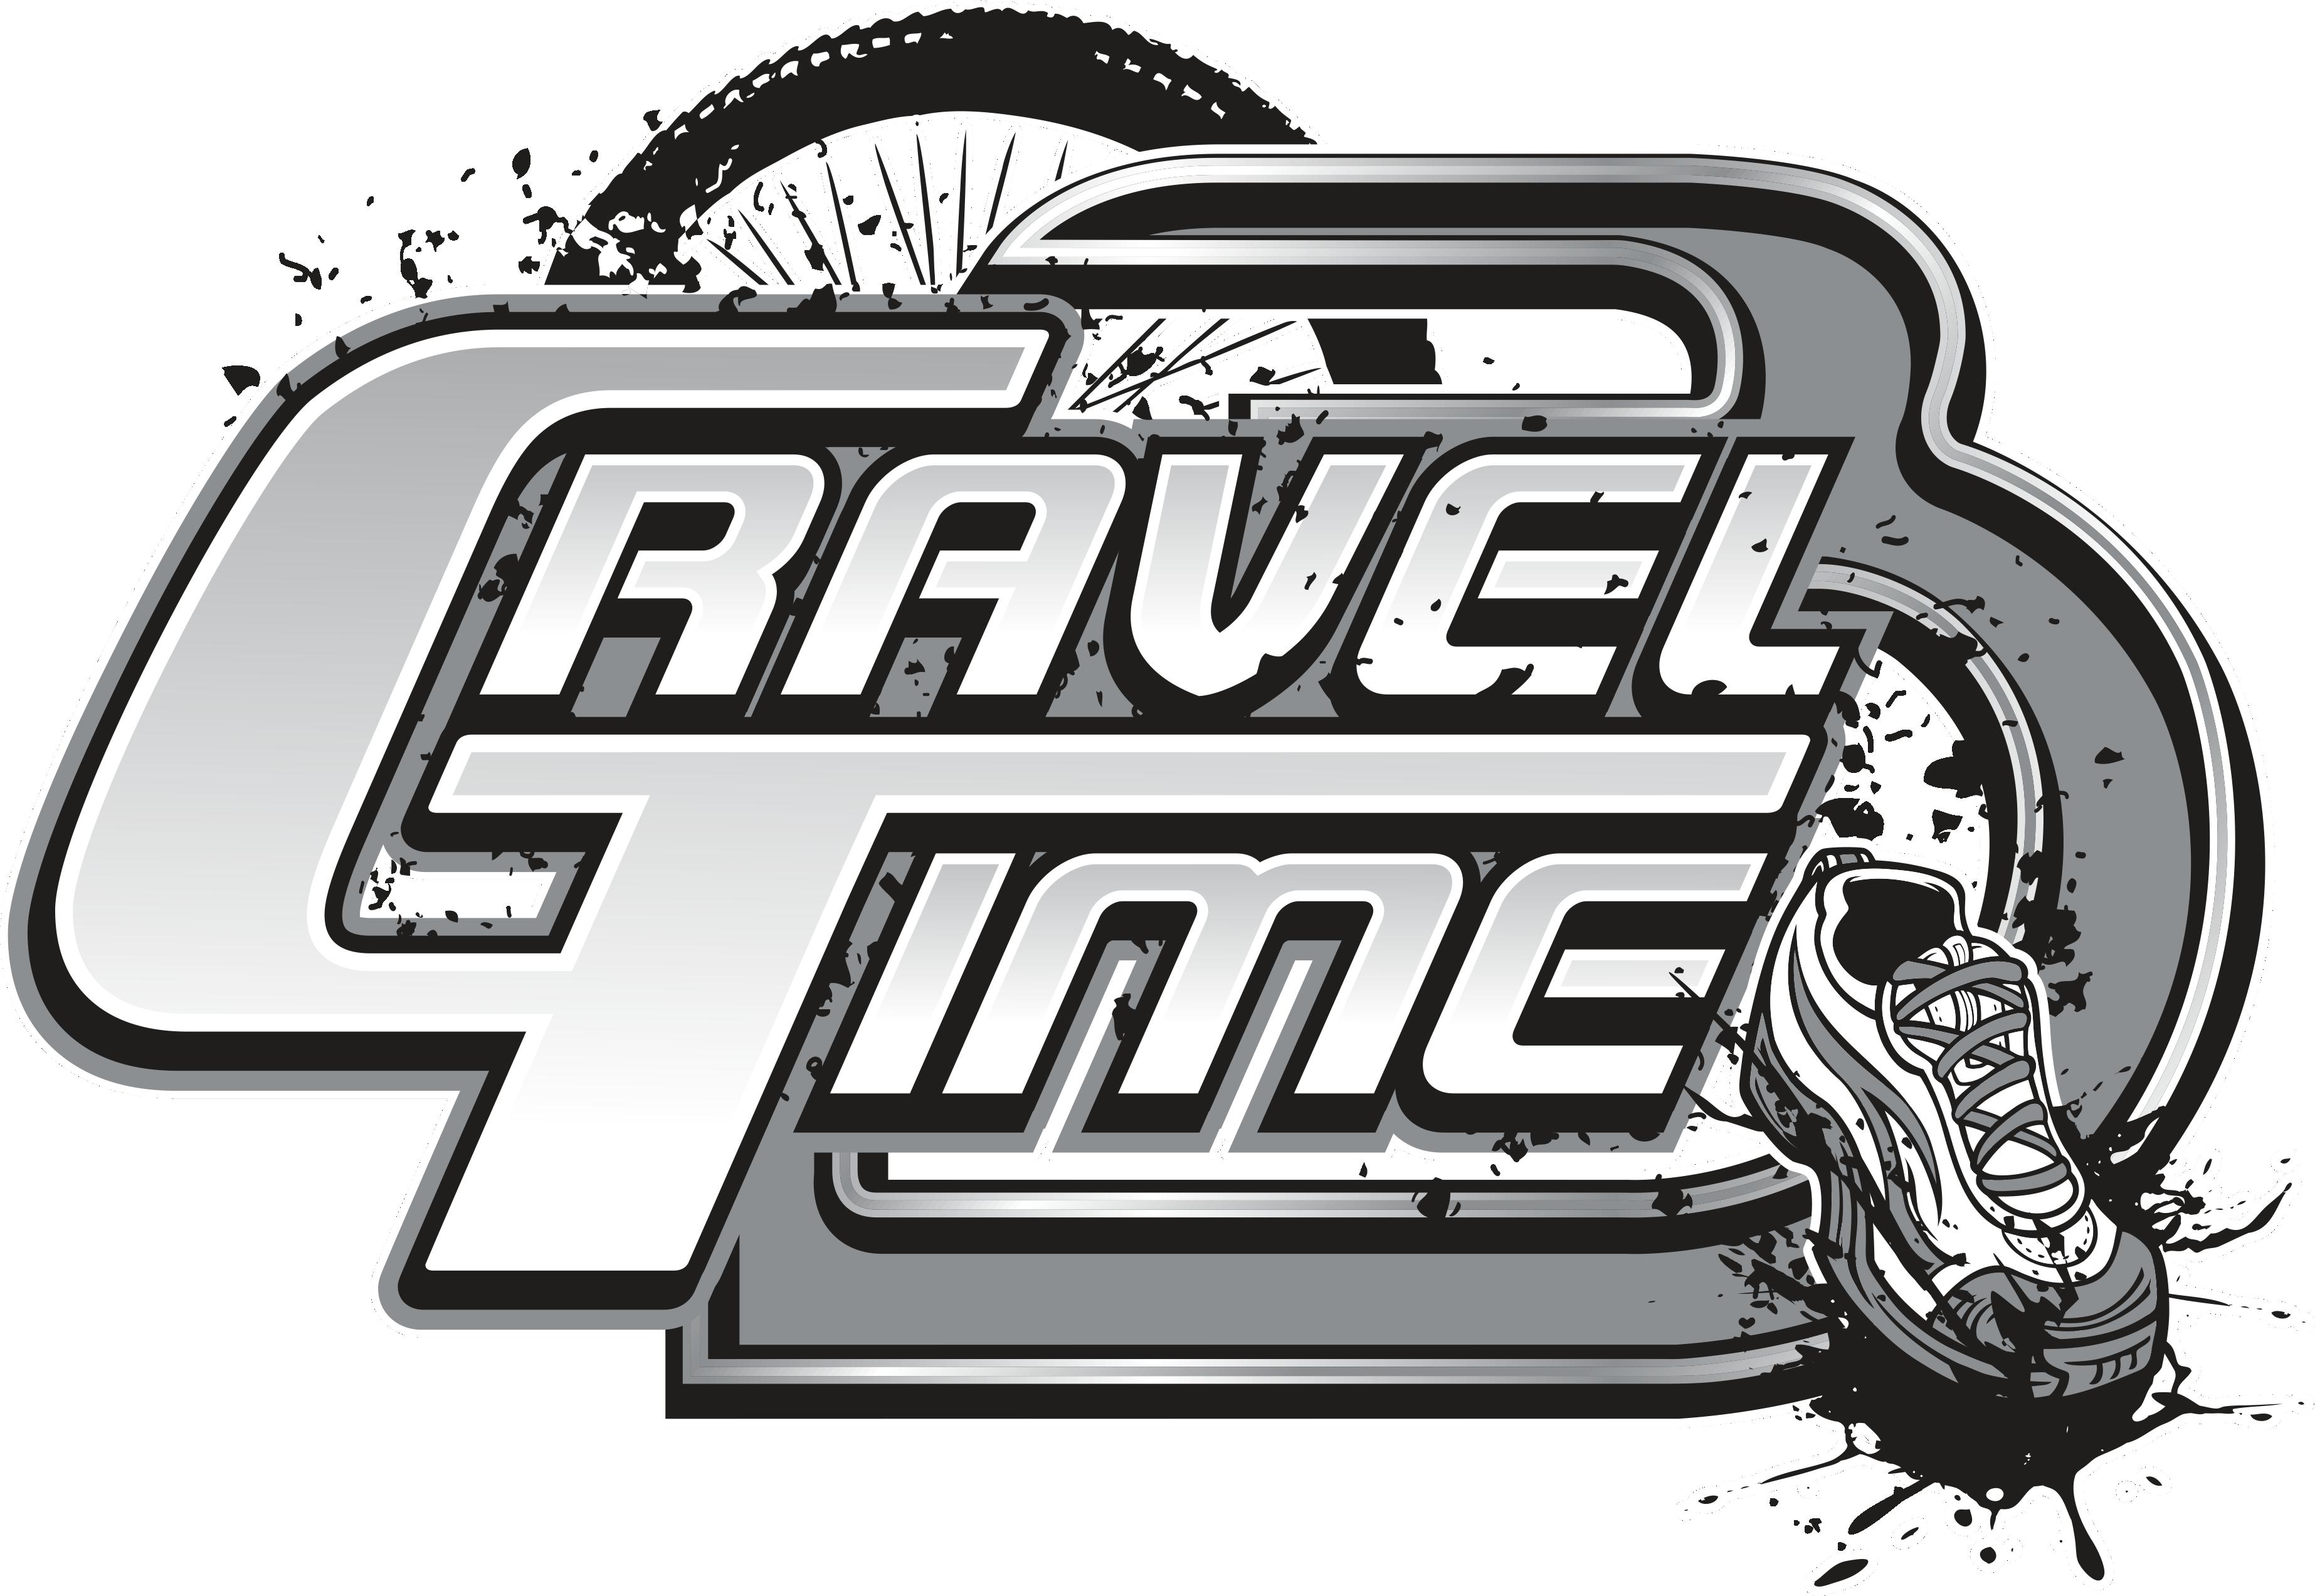 3-Disciplines-Gravel-Time Gravel Time